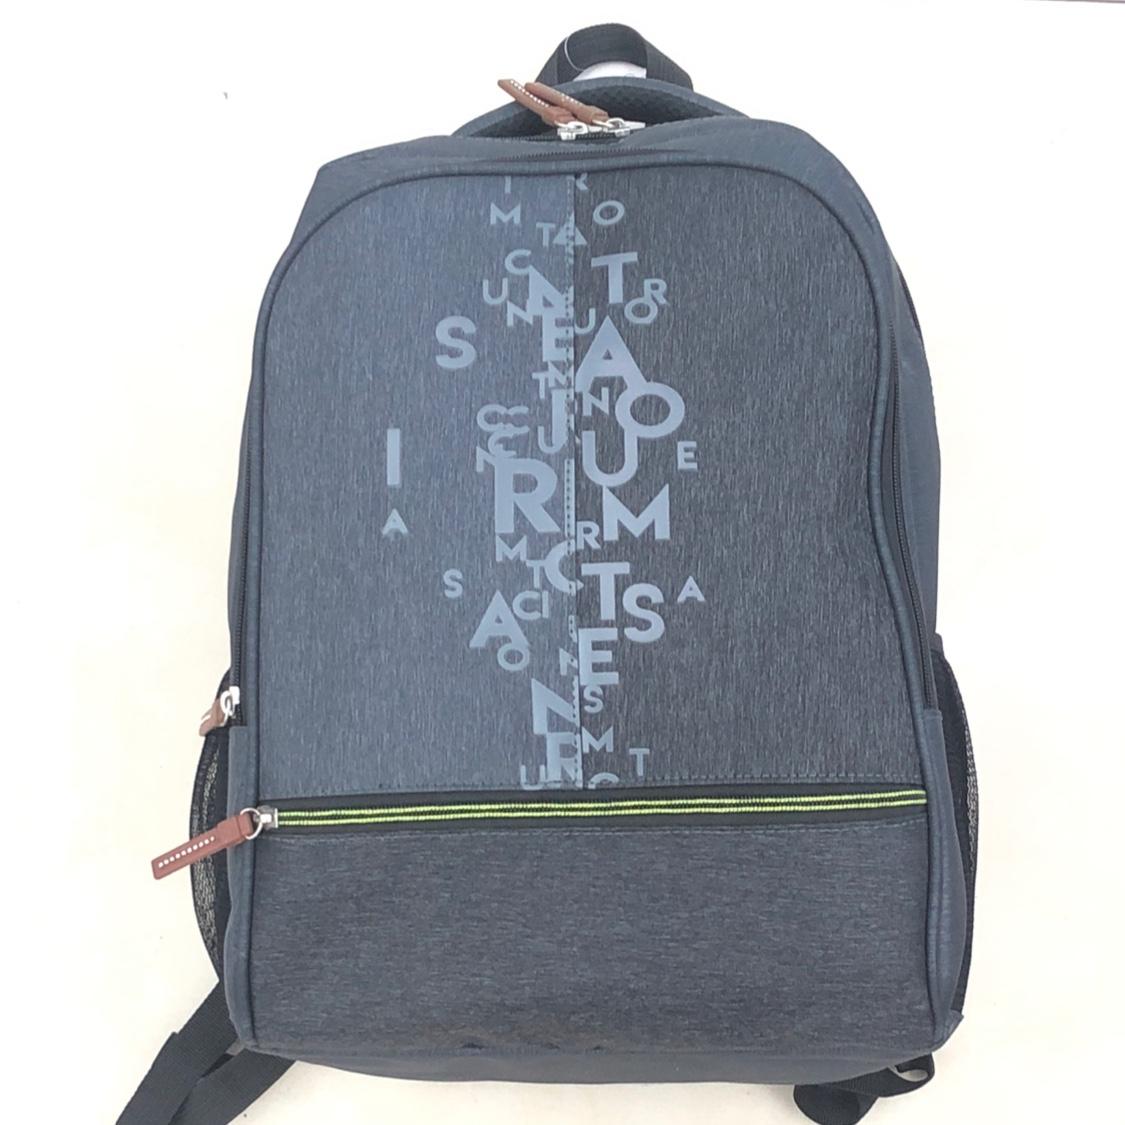 男生潮流背包 022-2